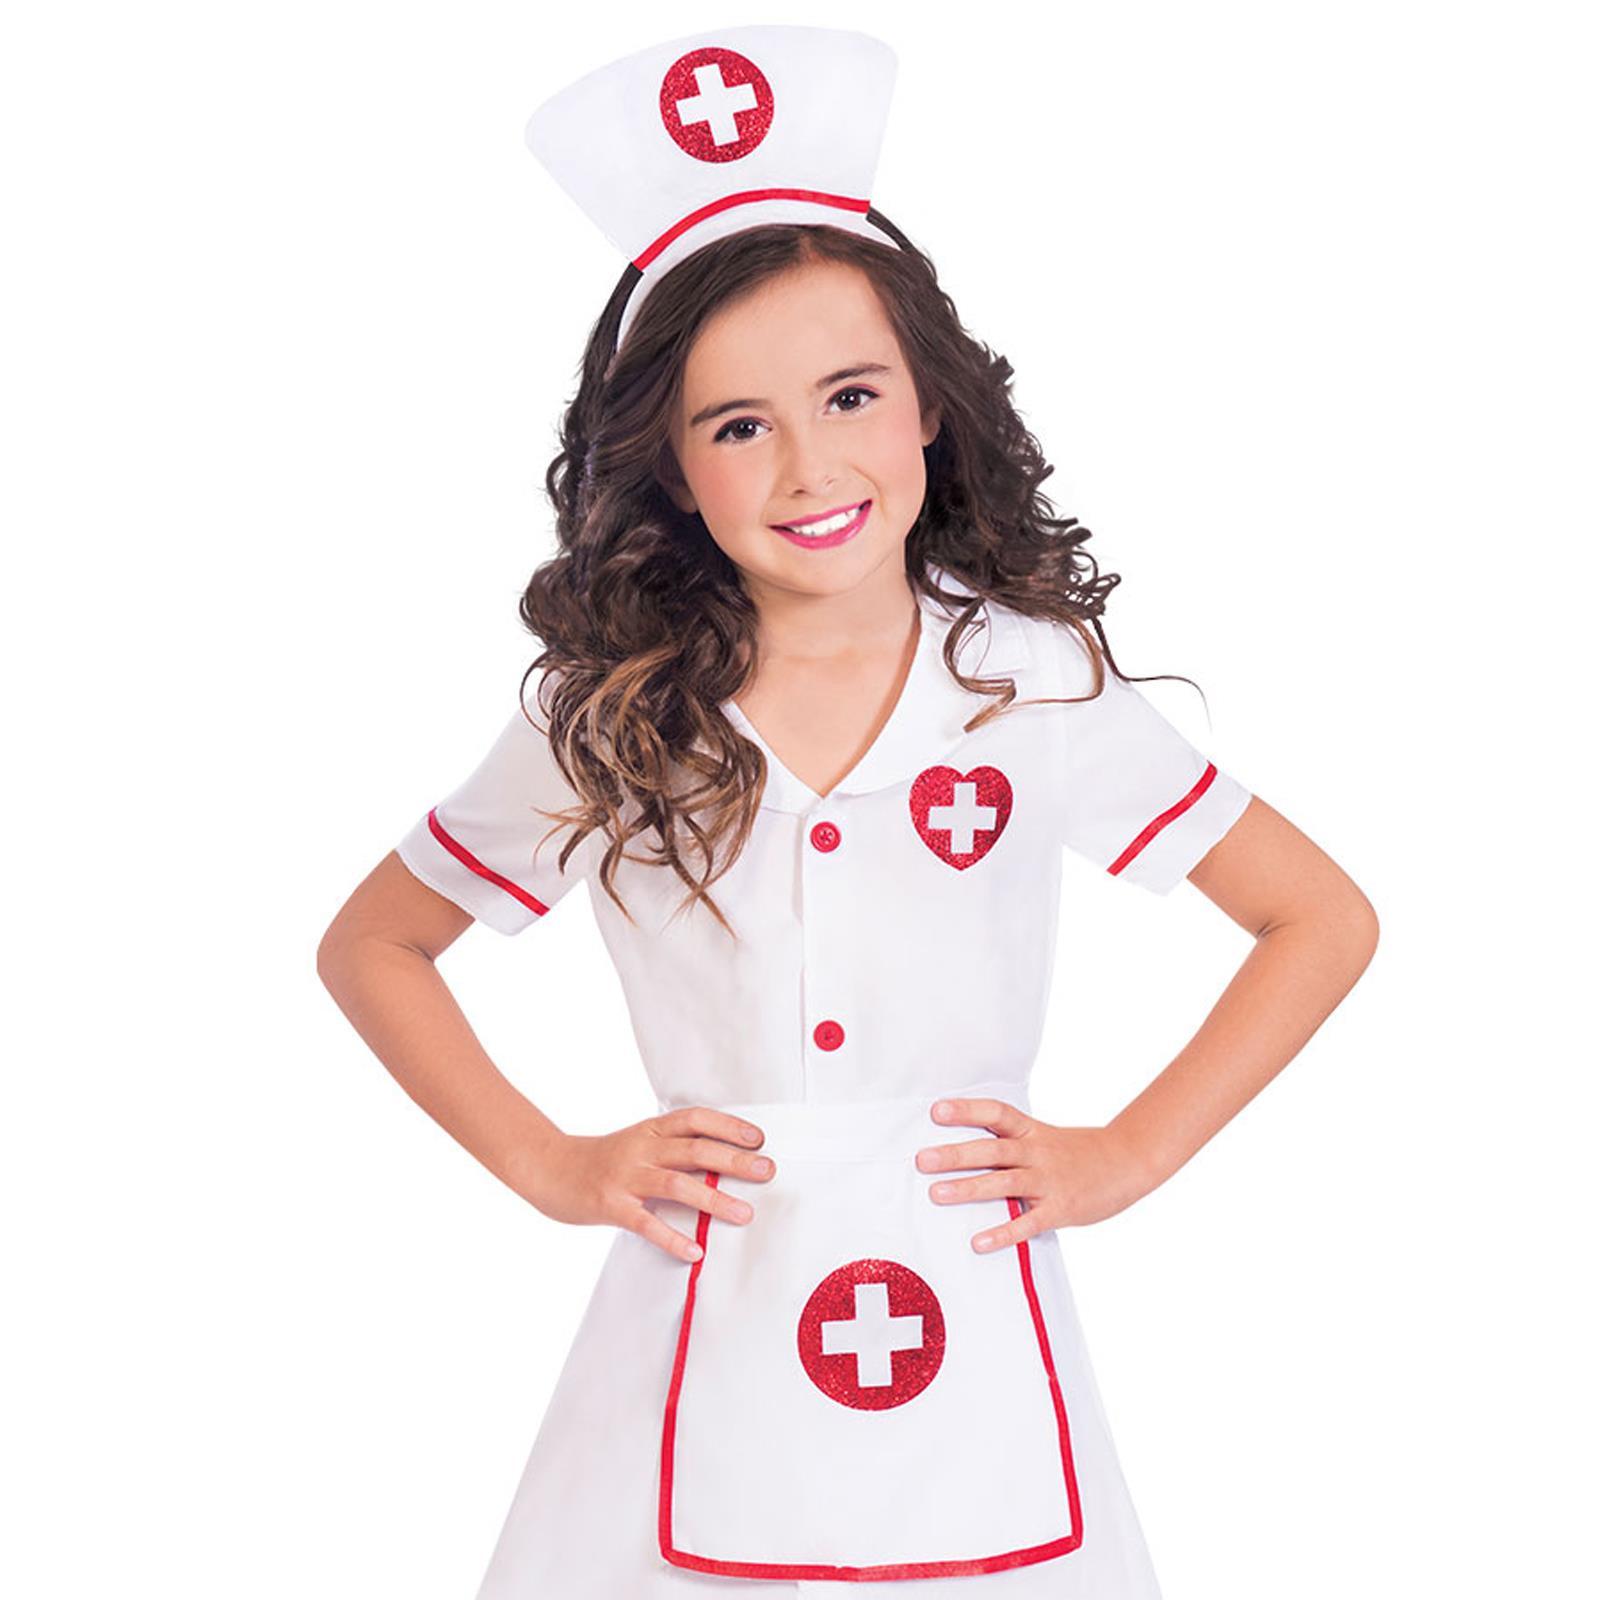 Kinder Krankenhaus Krankenschwester Medizinisch Artzt Uniform